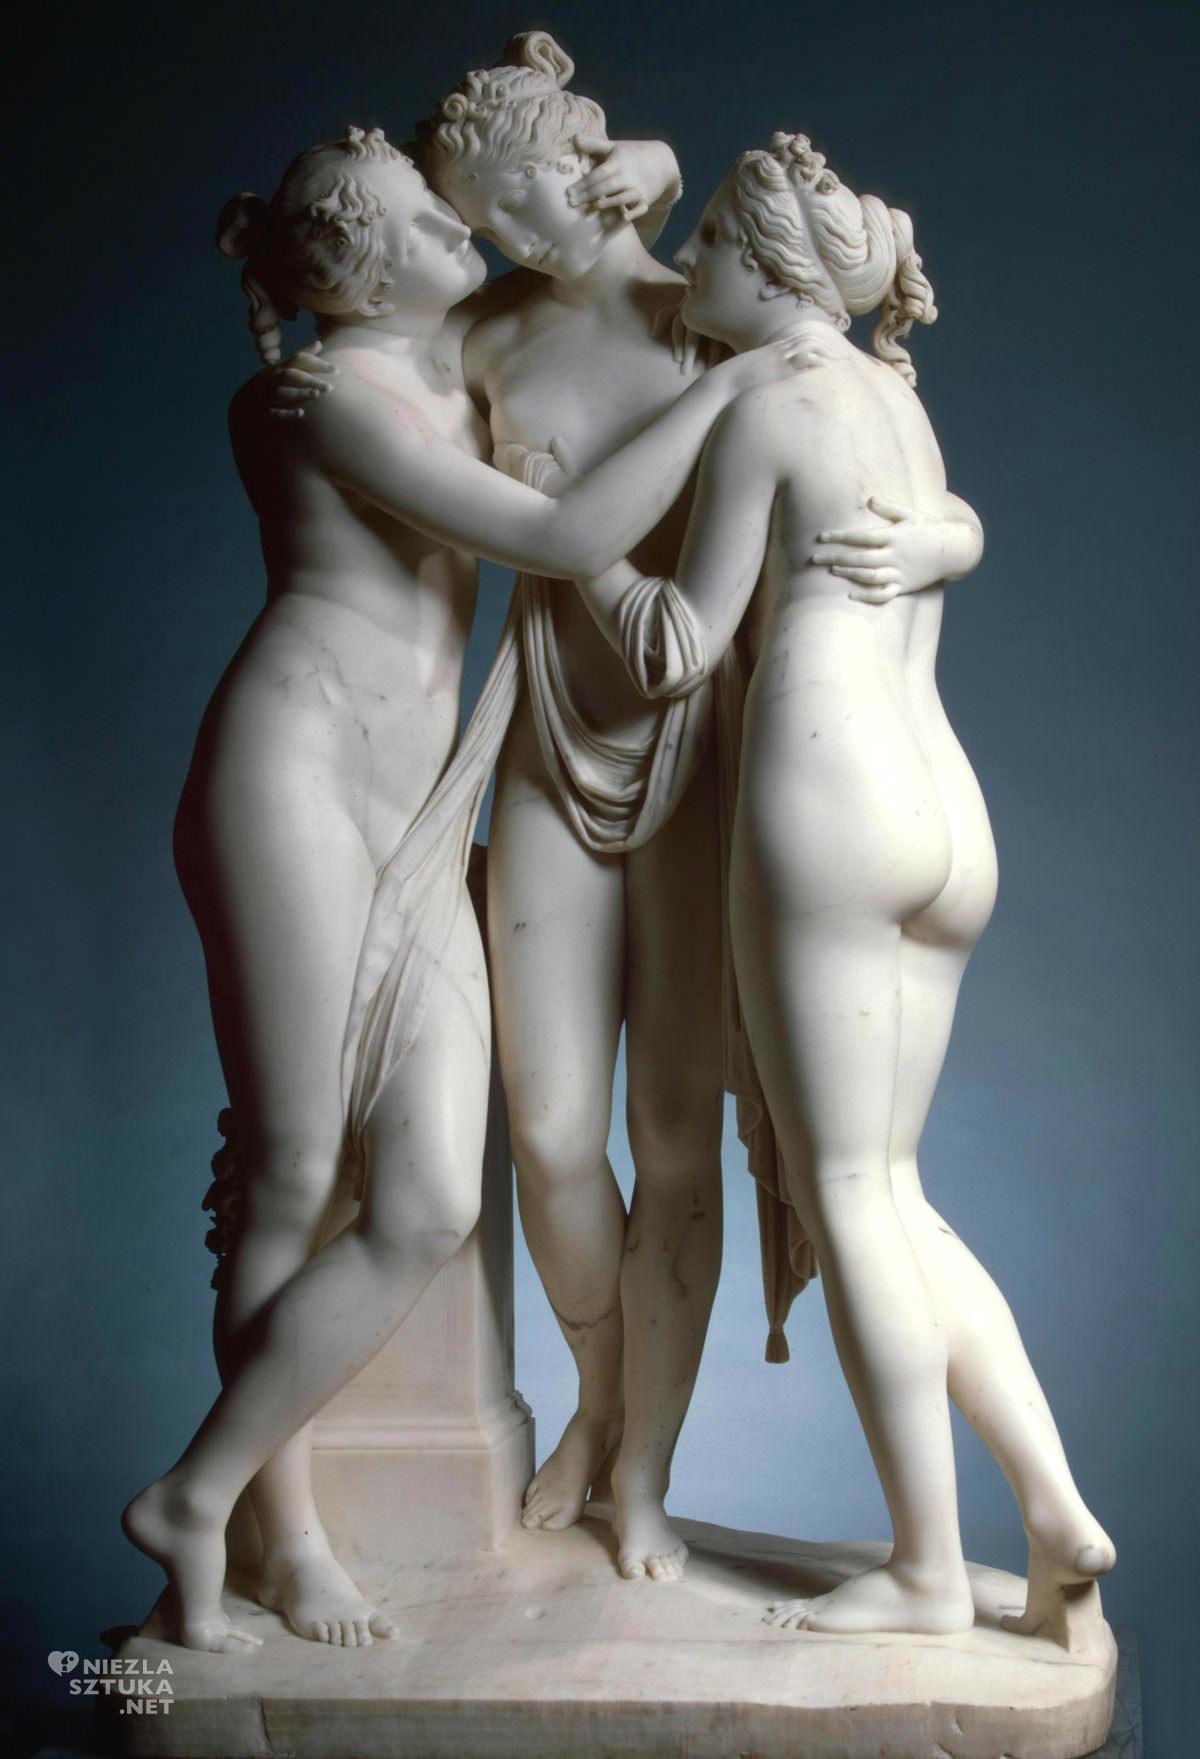 Antonio Canova, Trzy Gracje, rzeźba, sztuka włoska, Niezła sztuka